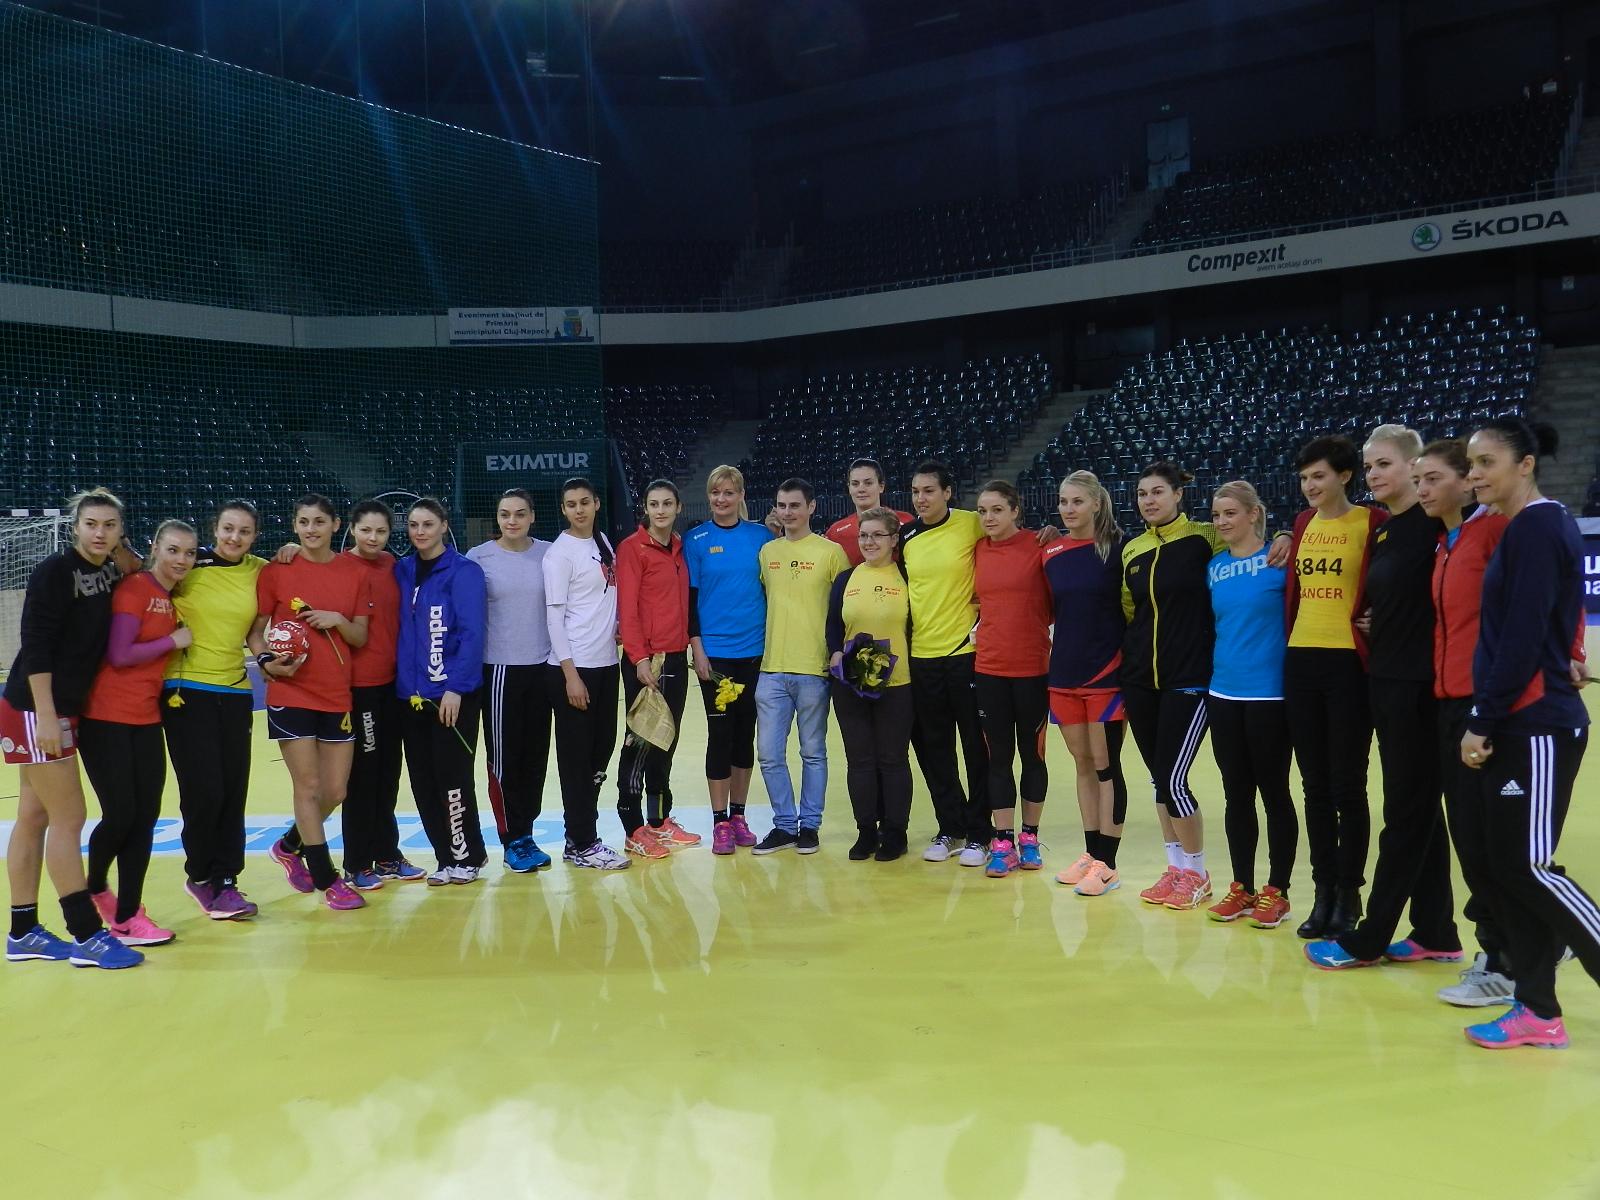 Echipa națională de handbal feminin a României, alături de voluntarii Little People România - 8 martie 2016